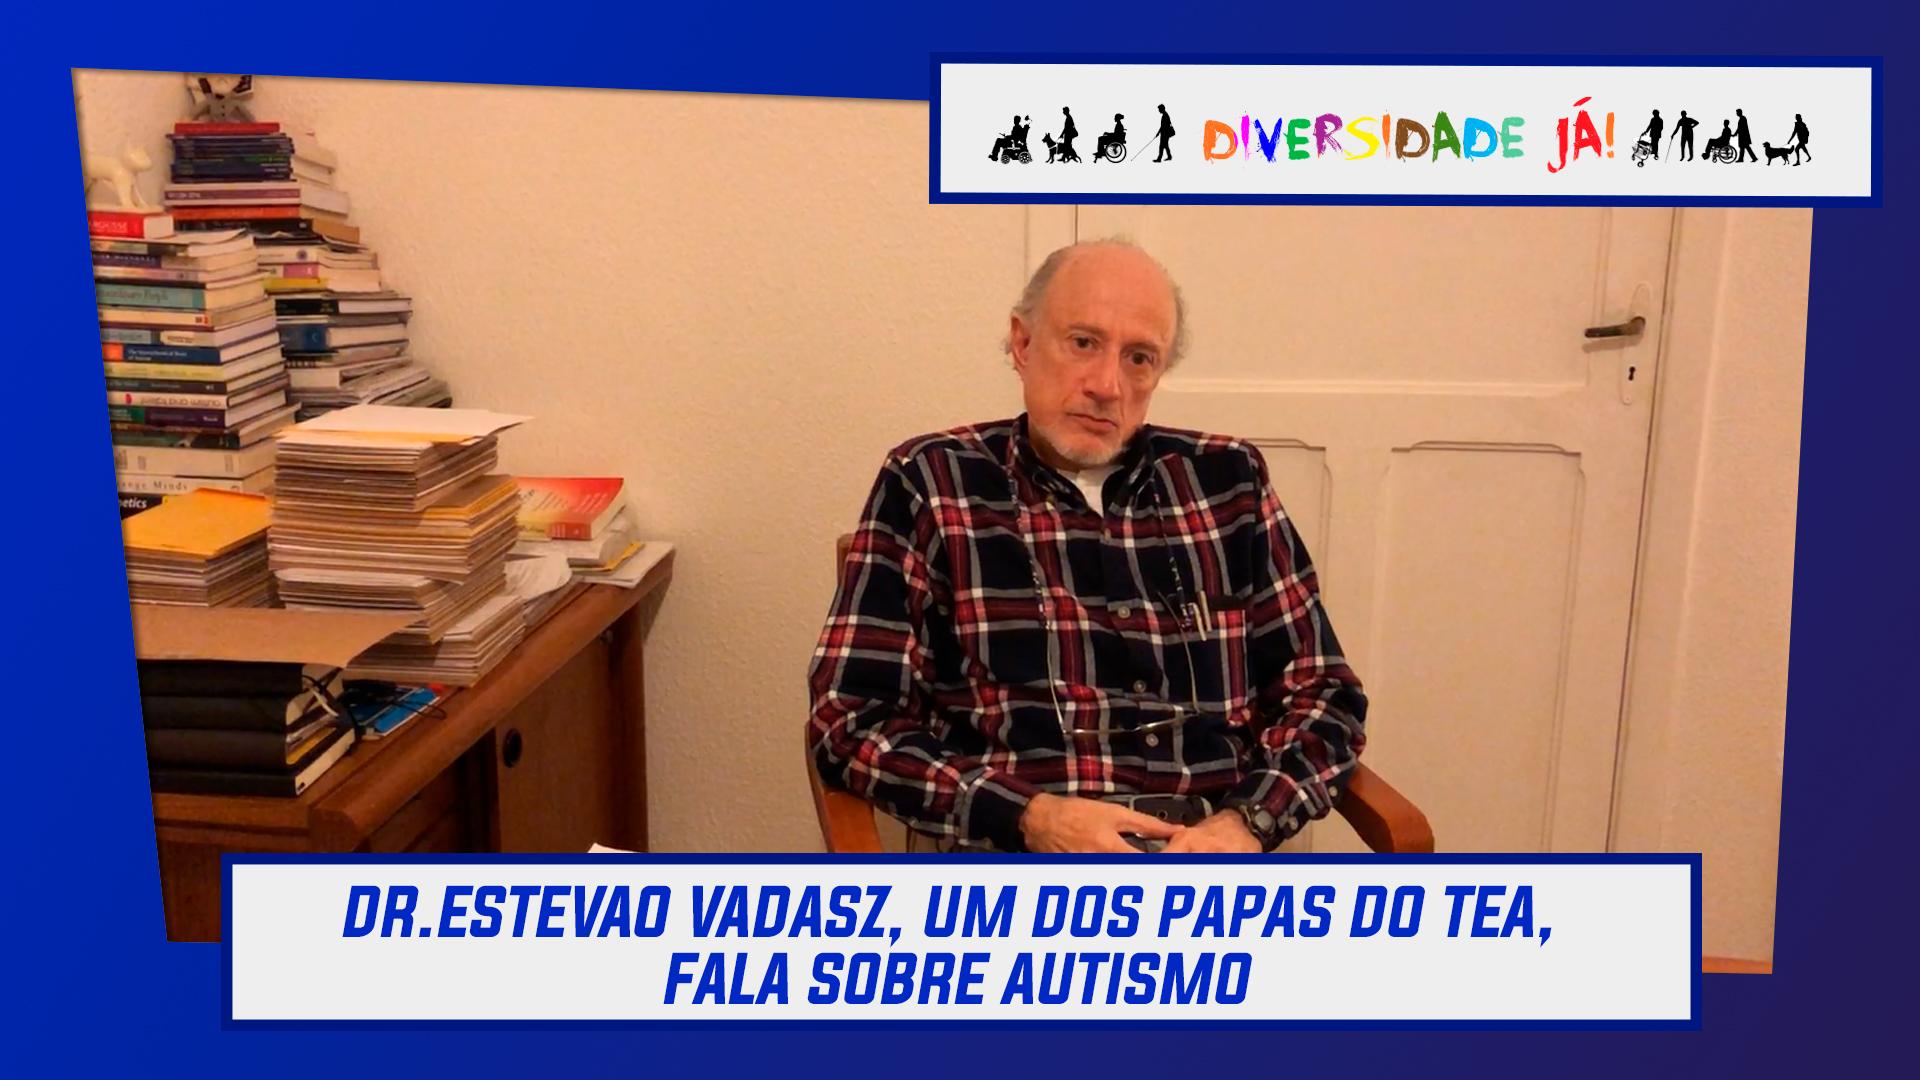 Dr. Estevao Vadasz , um dos papas do TEA, fala sobre autismo